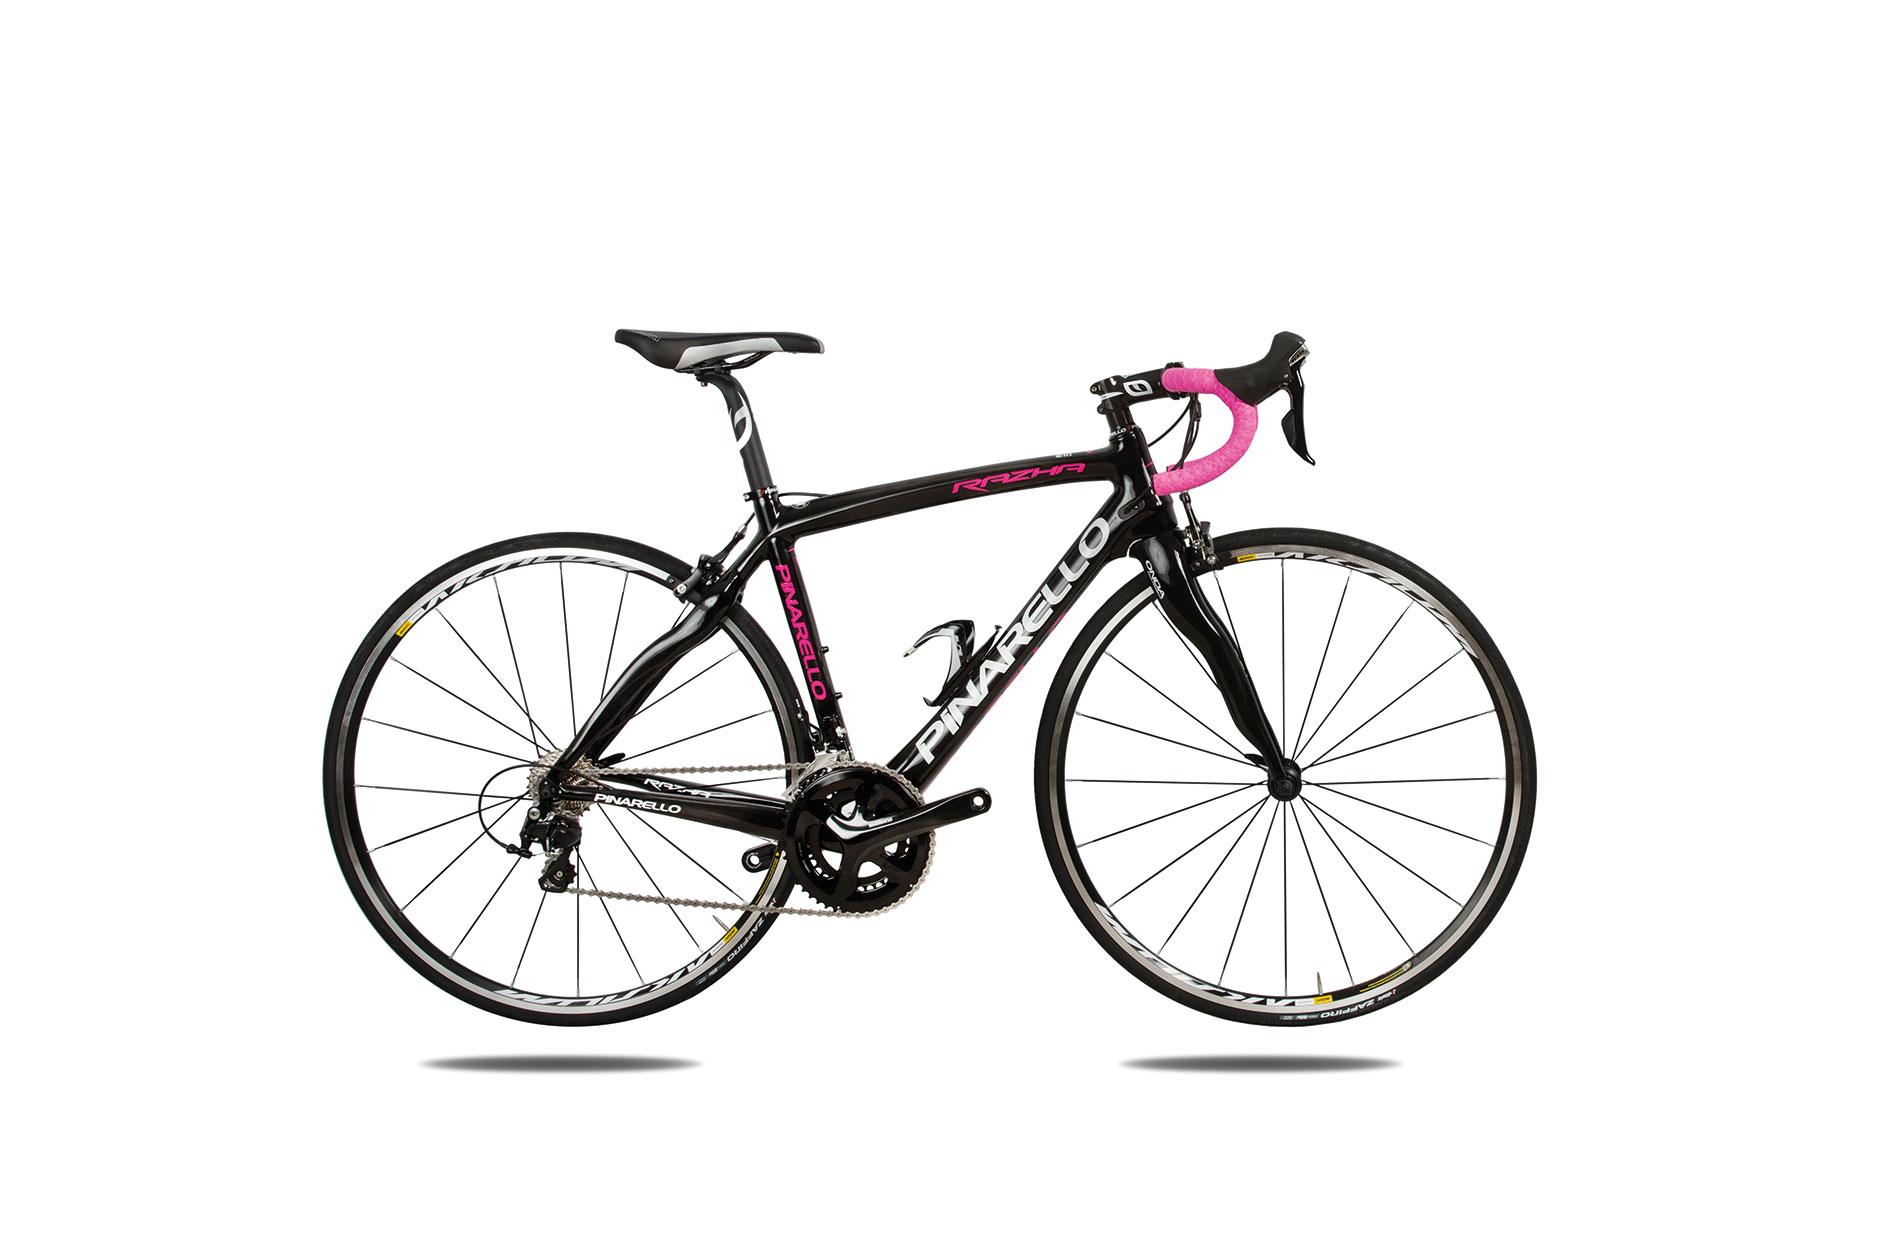 PINARELLO-RAZHA-188-Carbono-Rosa-EasyFIT